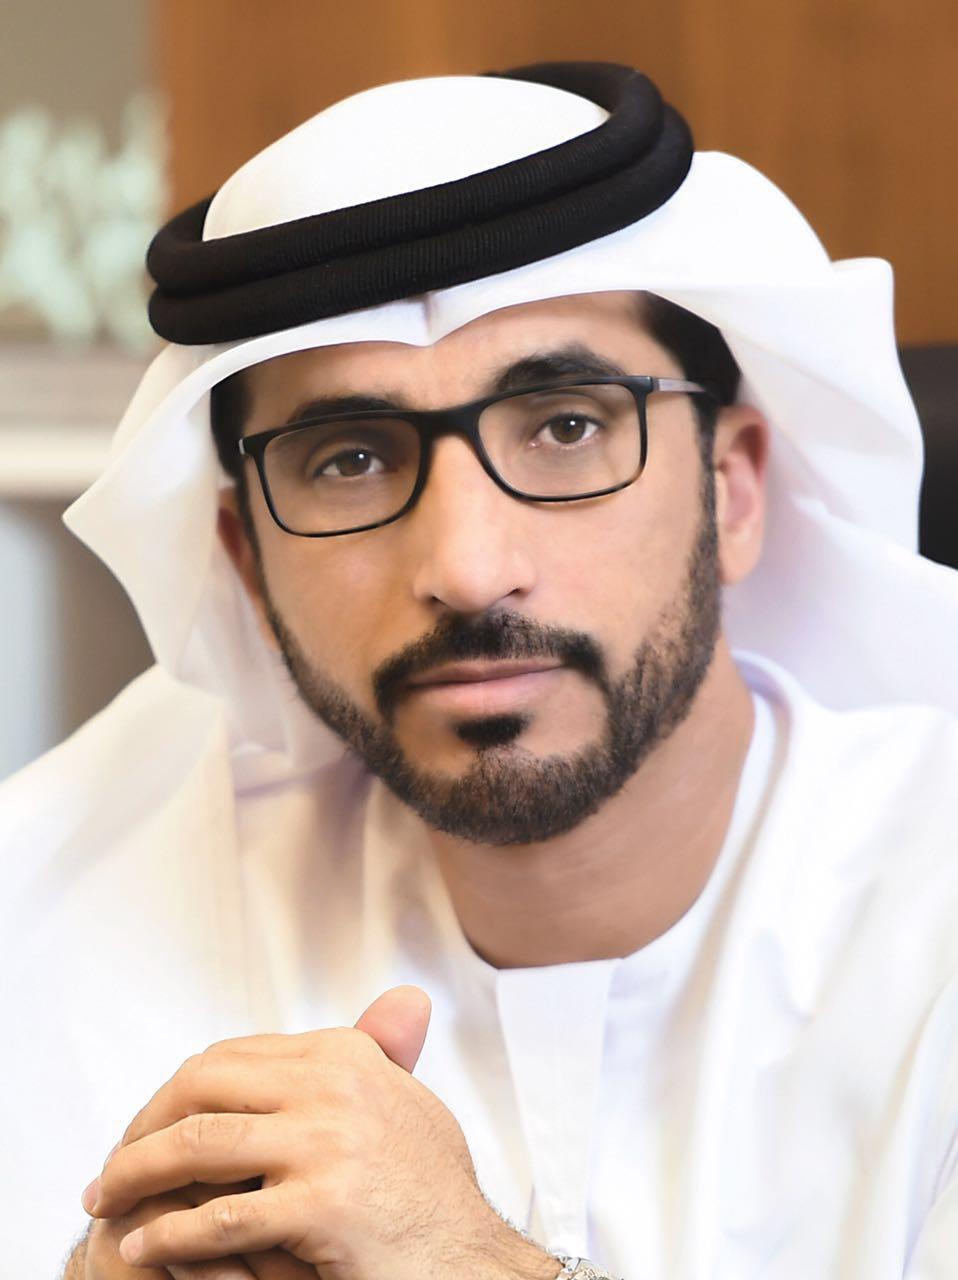 """أصبحت """"جمعية الصحفيين الإماراتية"""" بموجب قرار وزاري وزارة تنمية المجتمع توافق على تغيير اسم جمعية الصحفيين"""